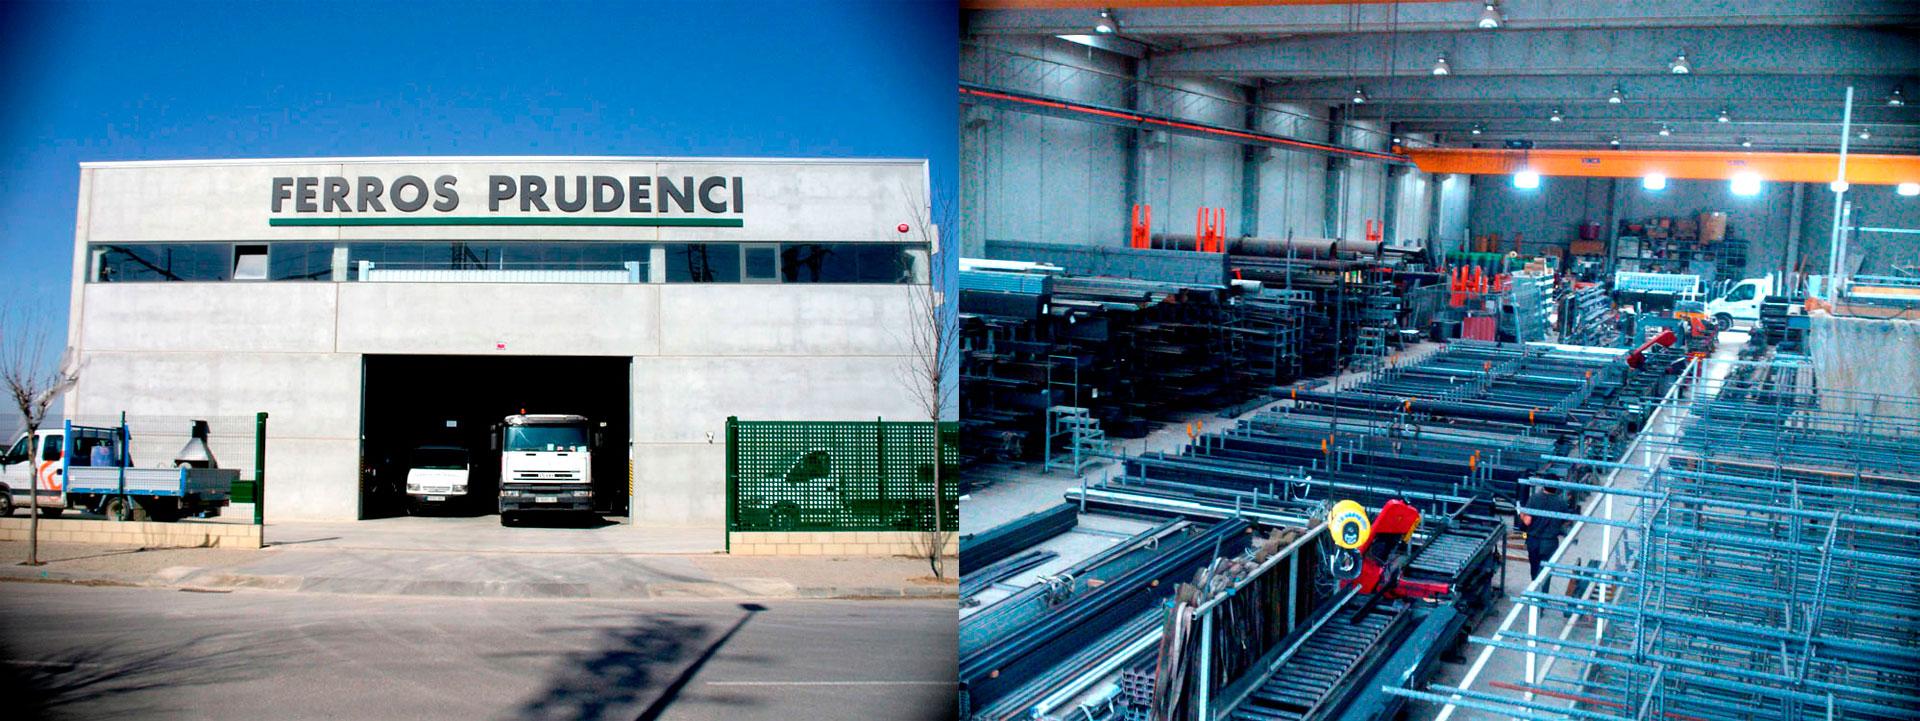 FERROS PRUDENCI Fabricación Lleida Lleida